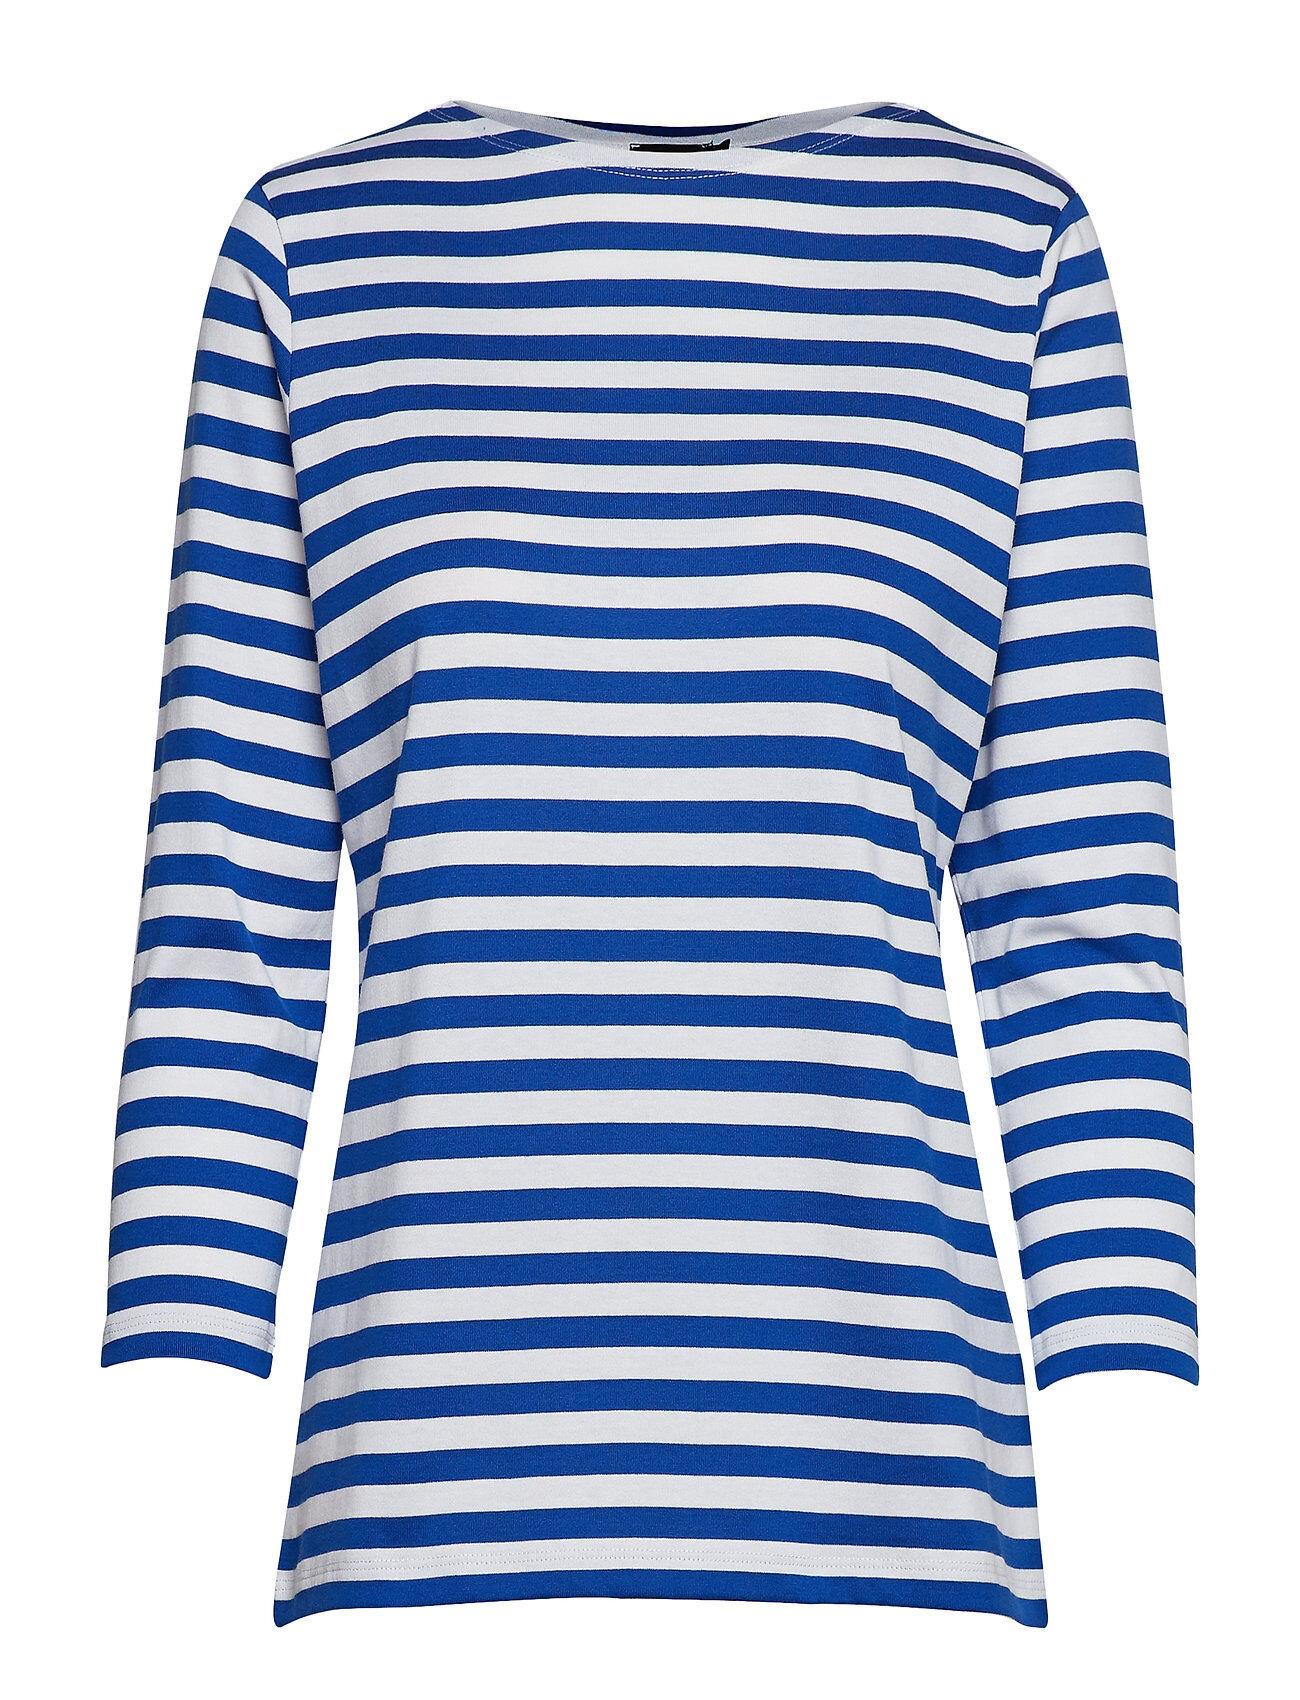 Marimekko Ilma Shirt T-shirts & Tops Long-sleeved Sininen Marimekko